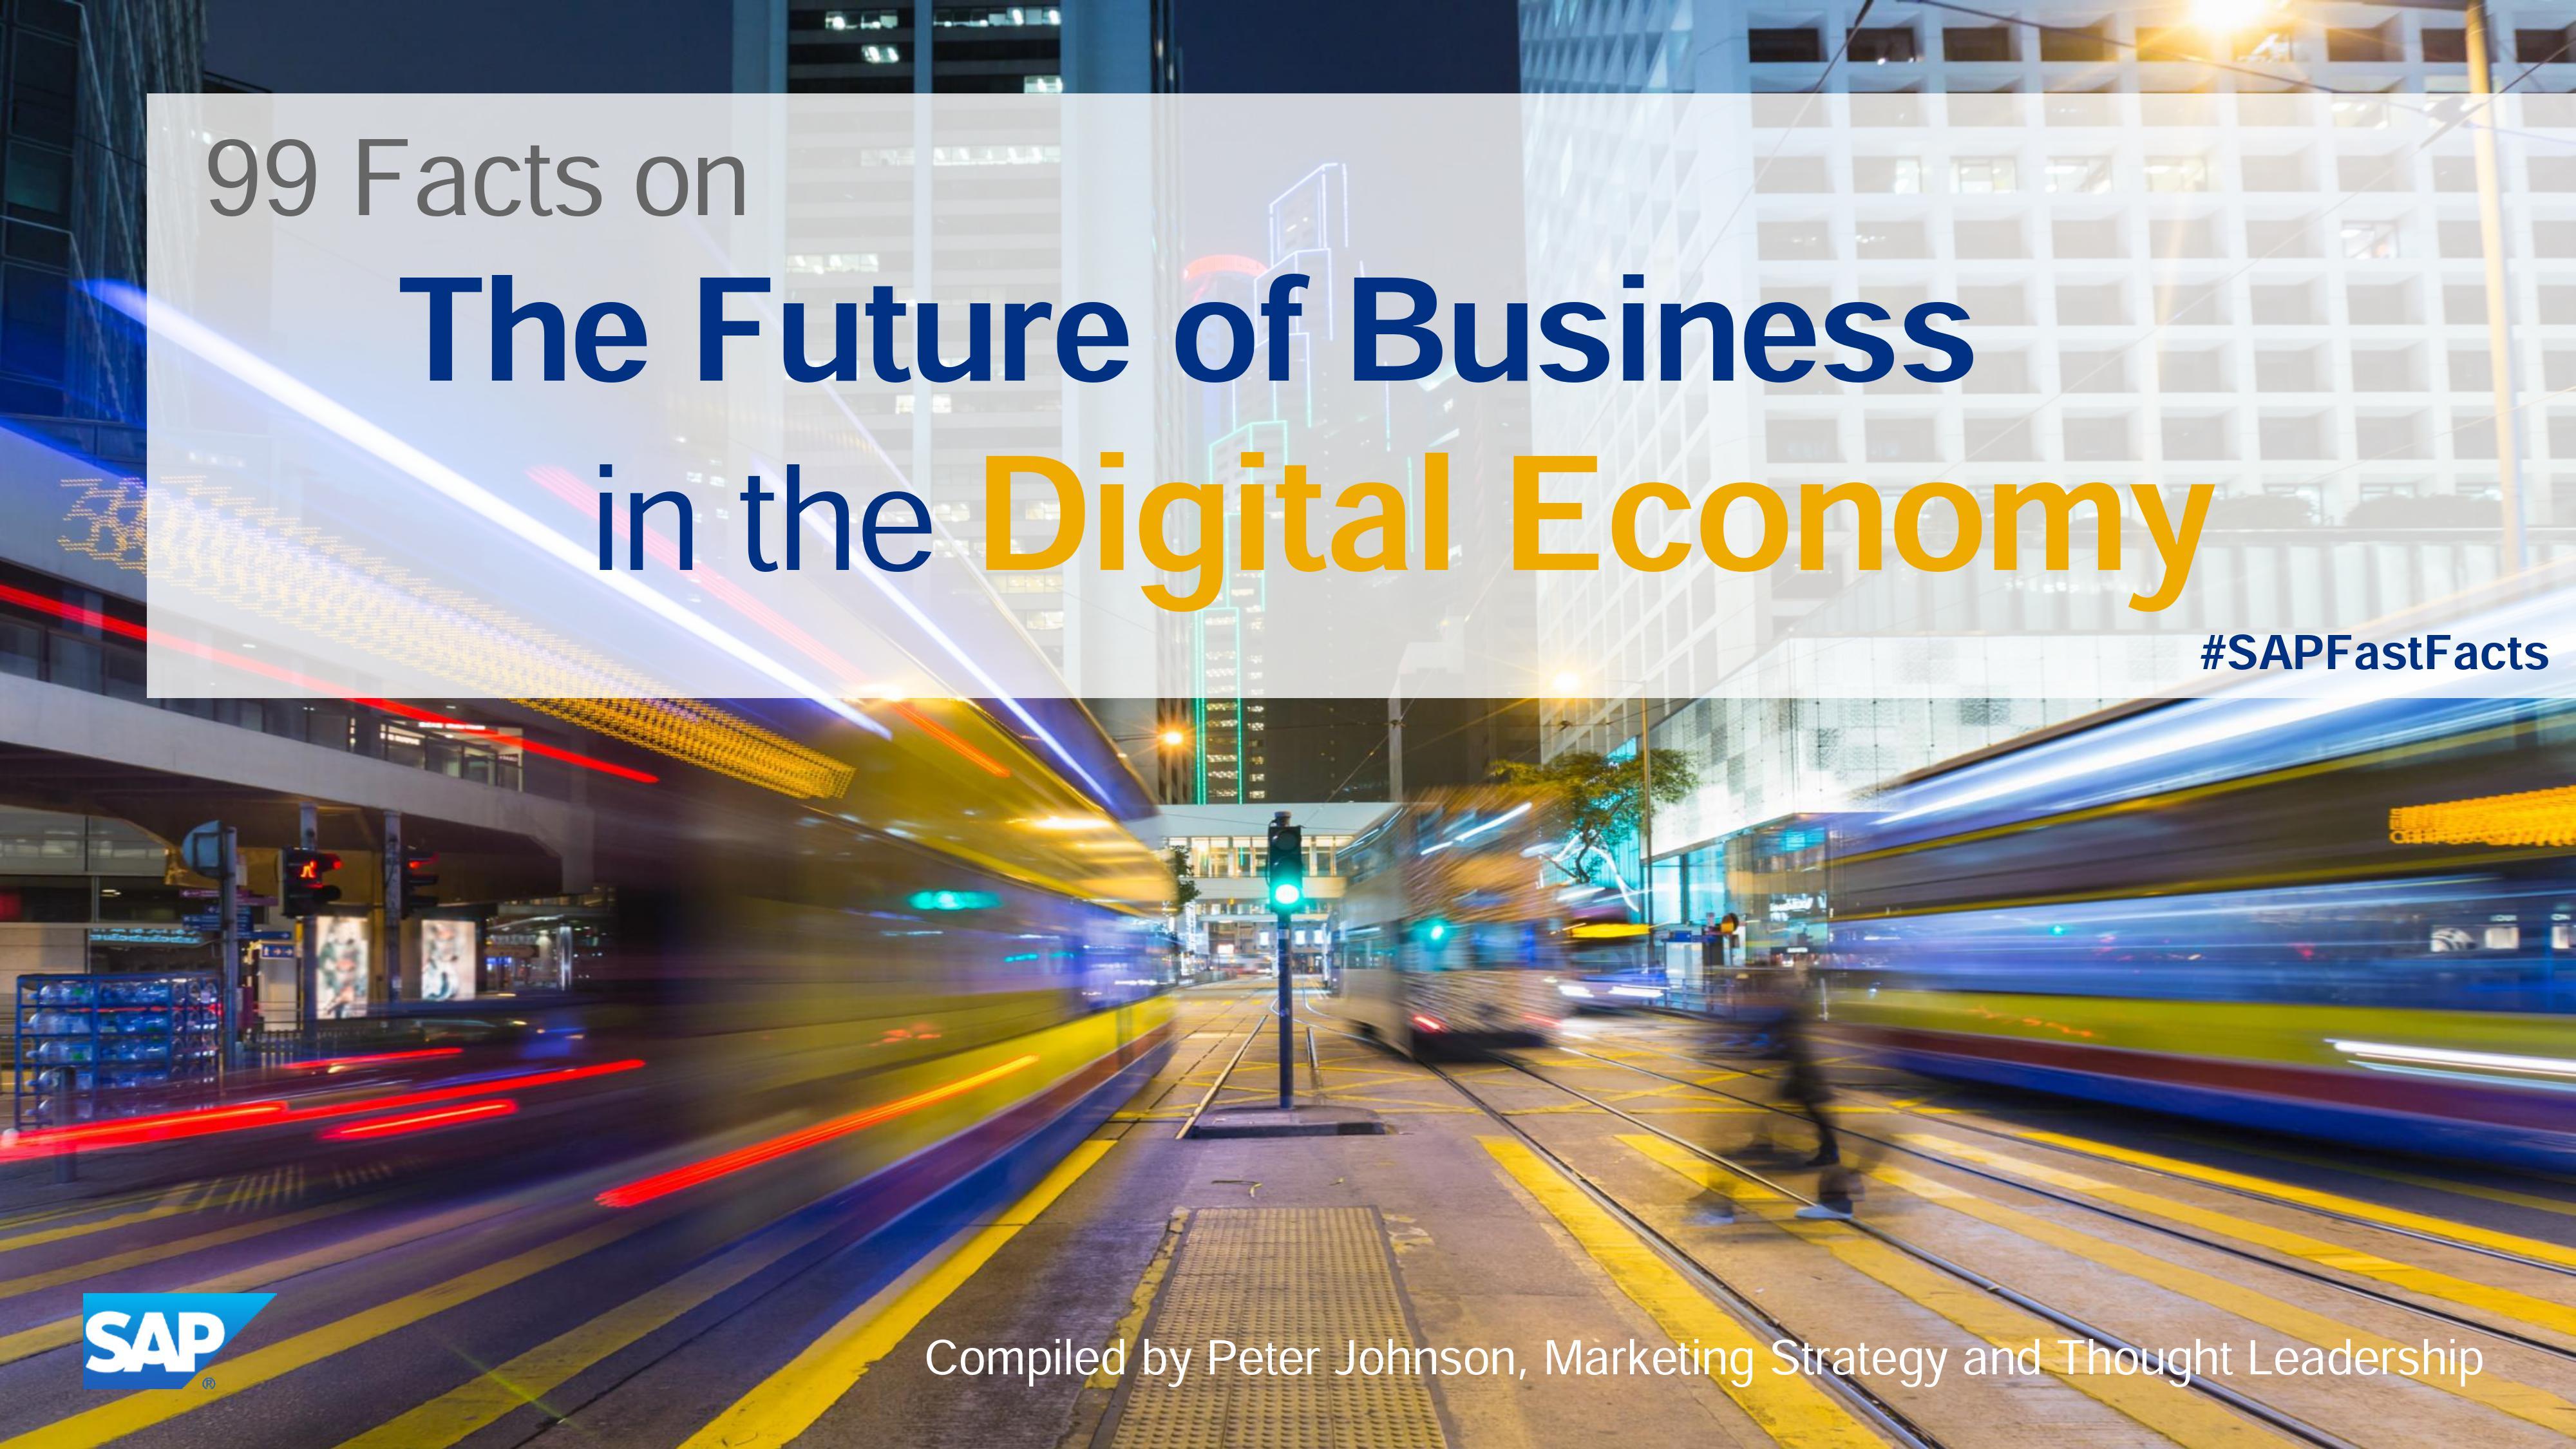 SAP:未来网络经济的99个趋势报告